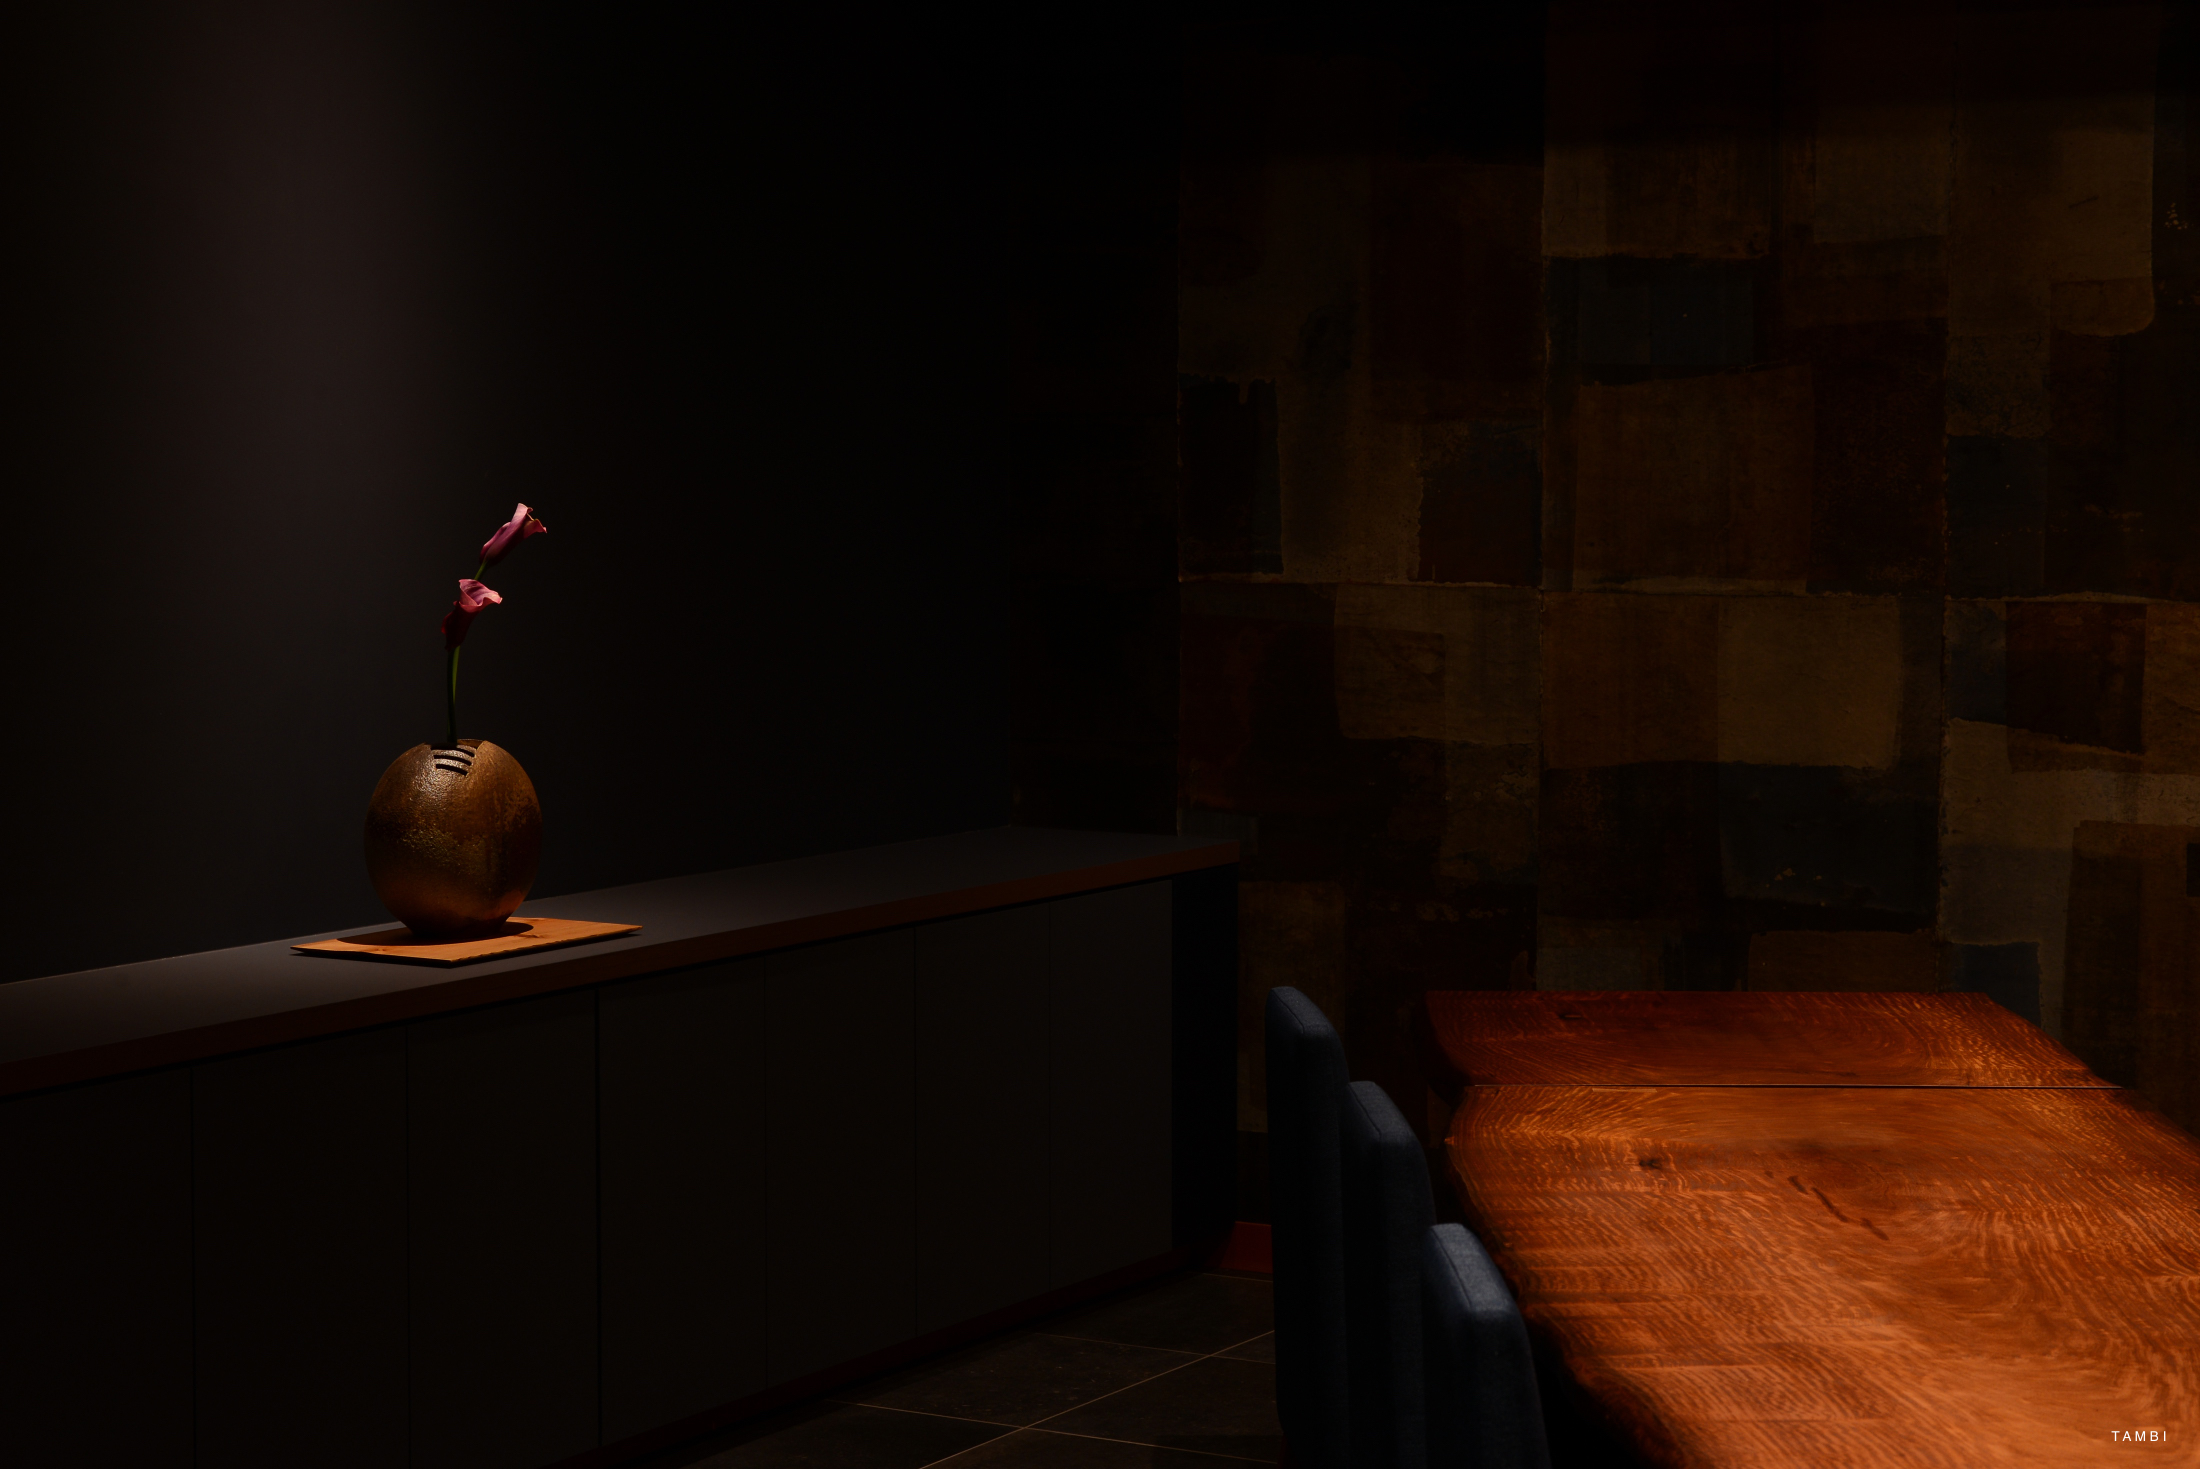 1. Bizen Vase